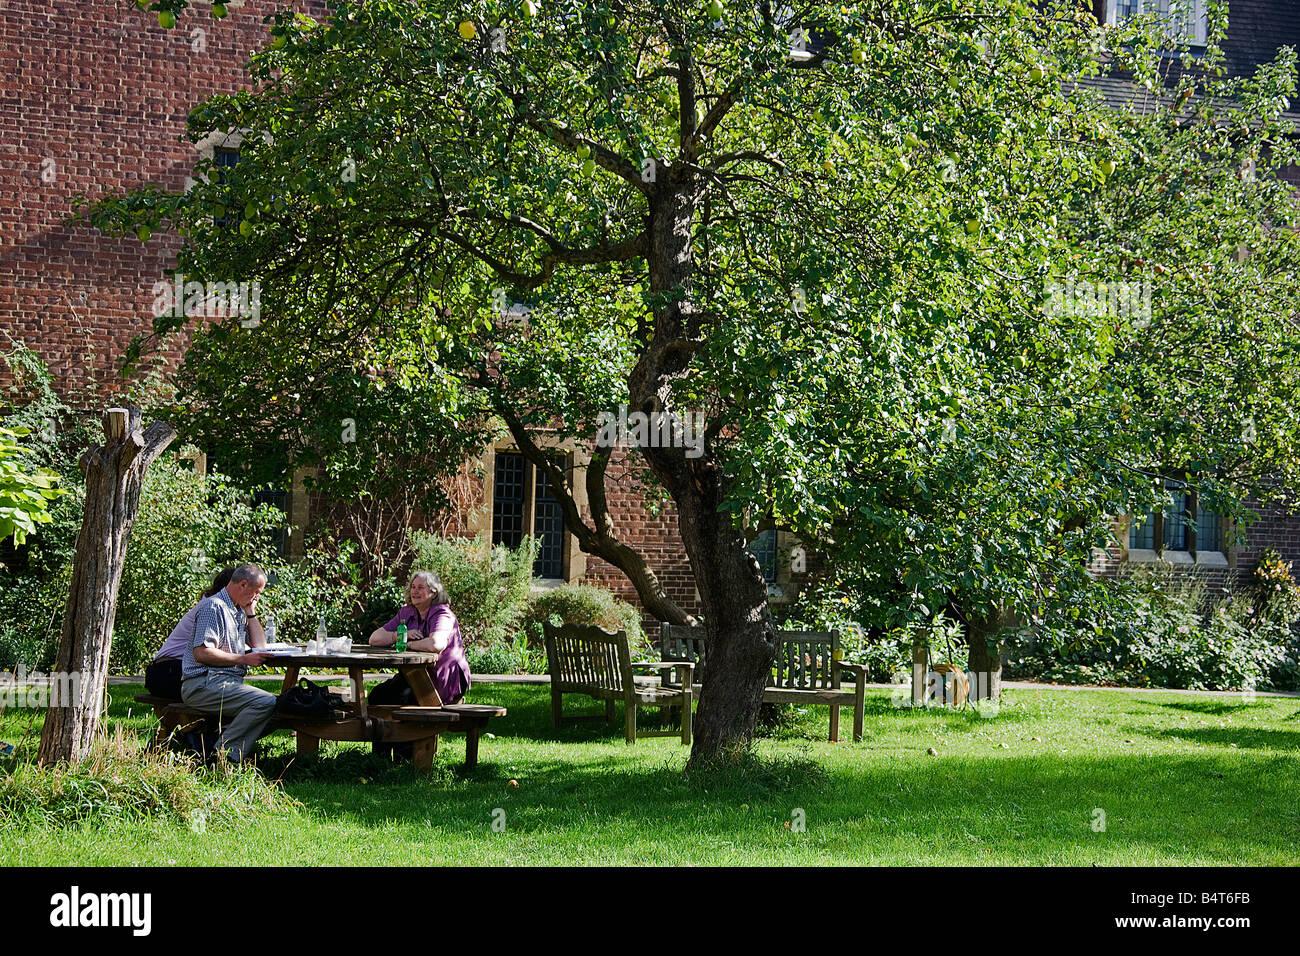 Westcott house.Cambridge. - Stock Image